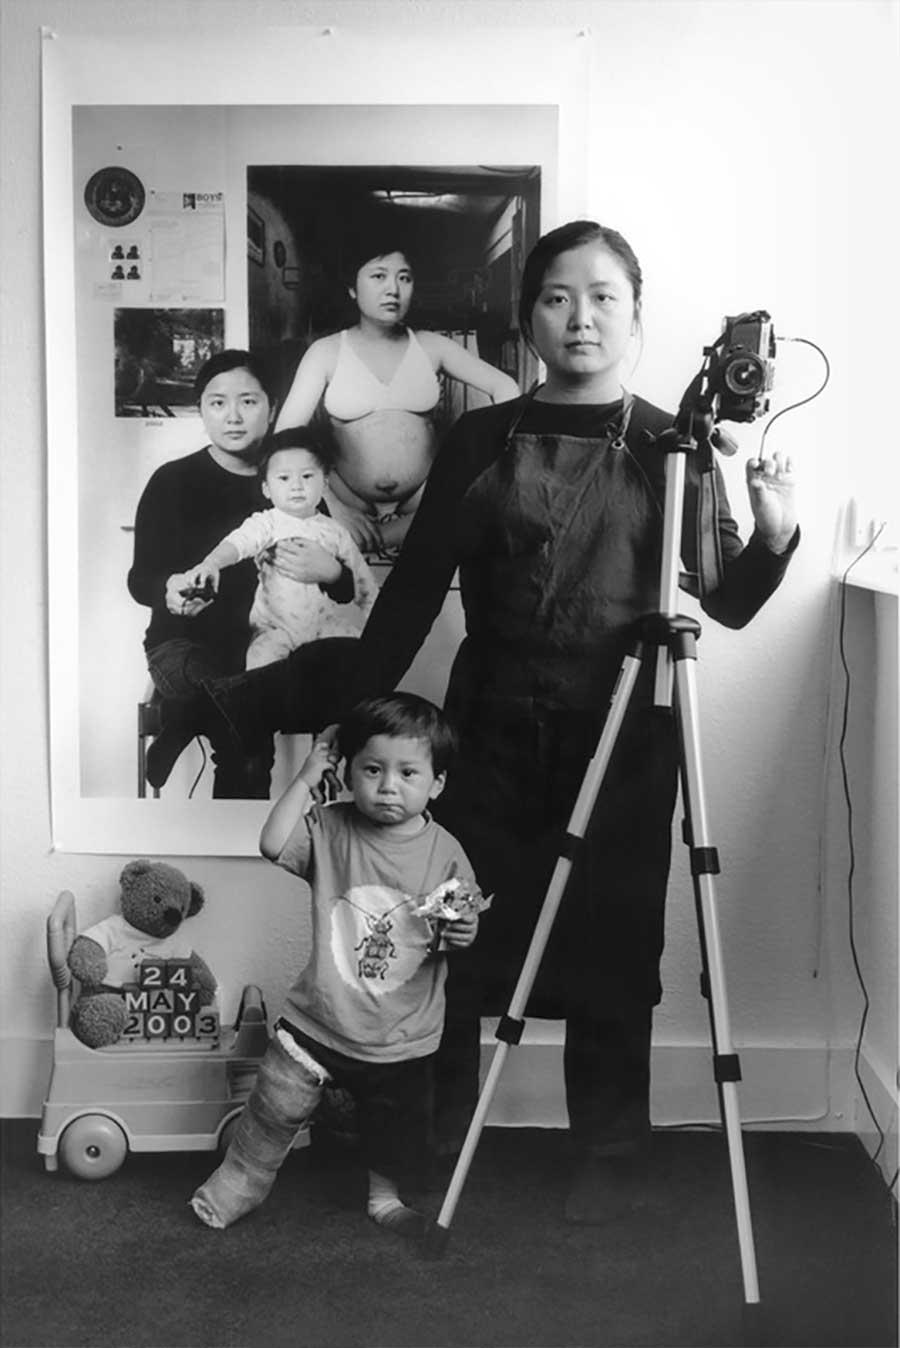 Mutter fügt 17 Jahre Bildebenen hinzu, die Sohn aufwachsen zeigen mutter-17-jahre-foto-in-foto_04